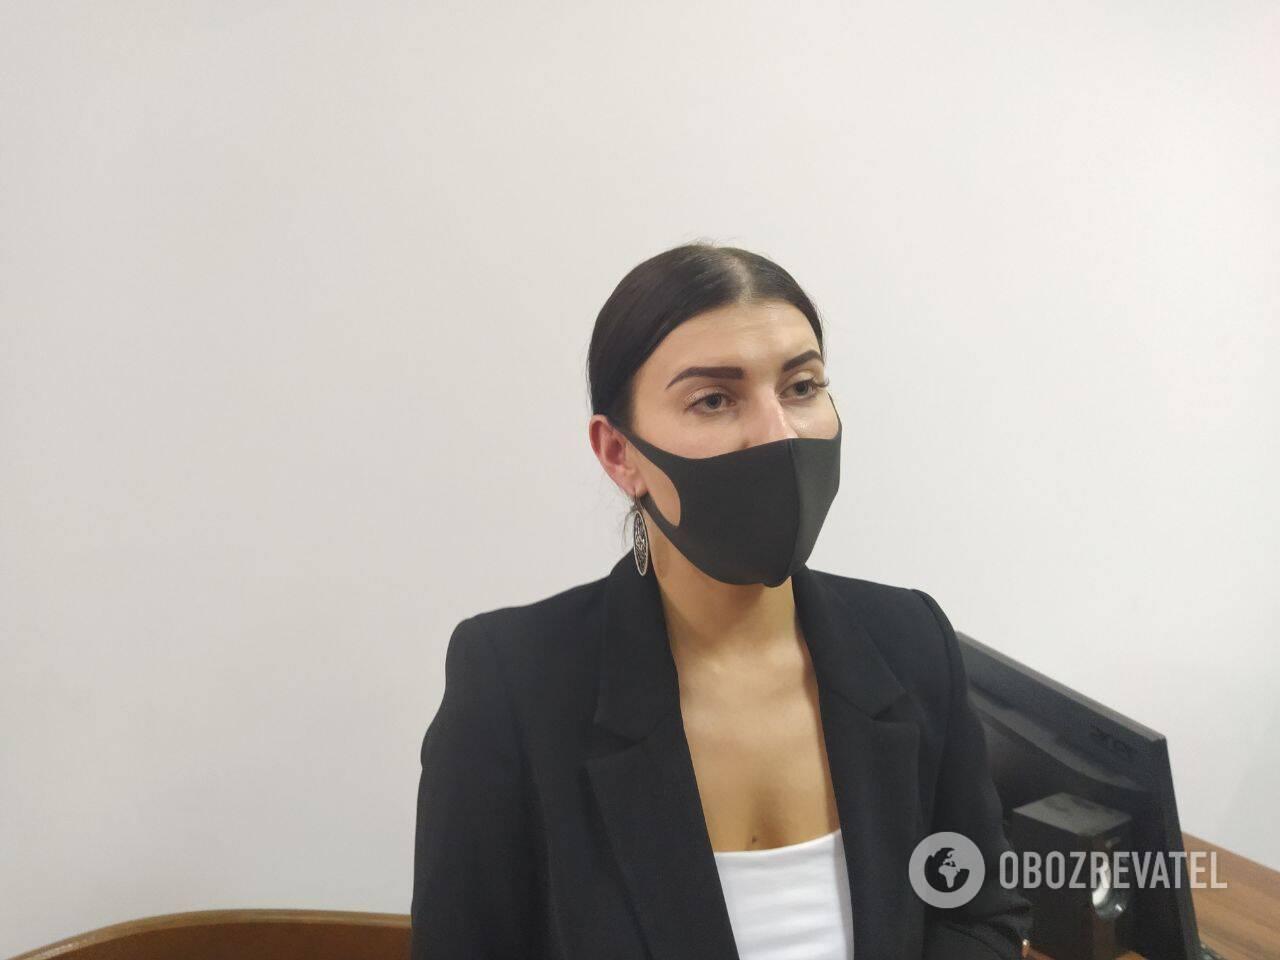 Суд арестовал подозреваемого в совершении ДТП в Киеве с четырьмя погибшими Желепу. Прокурор